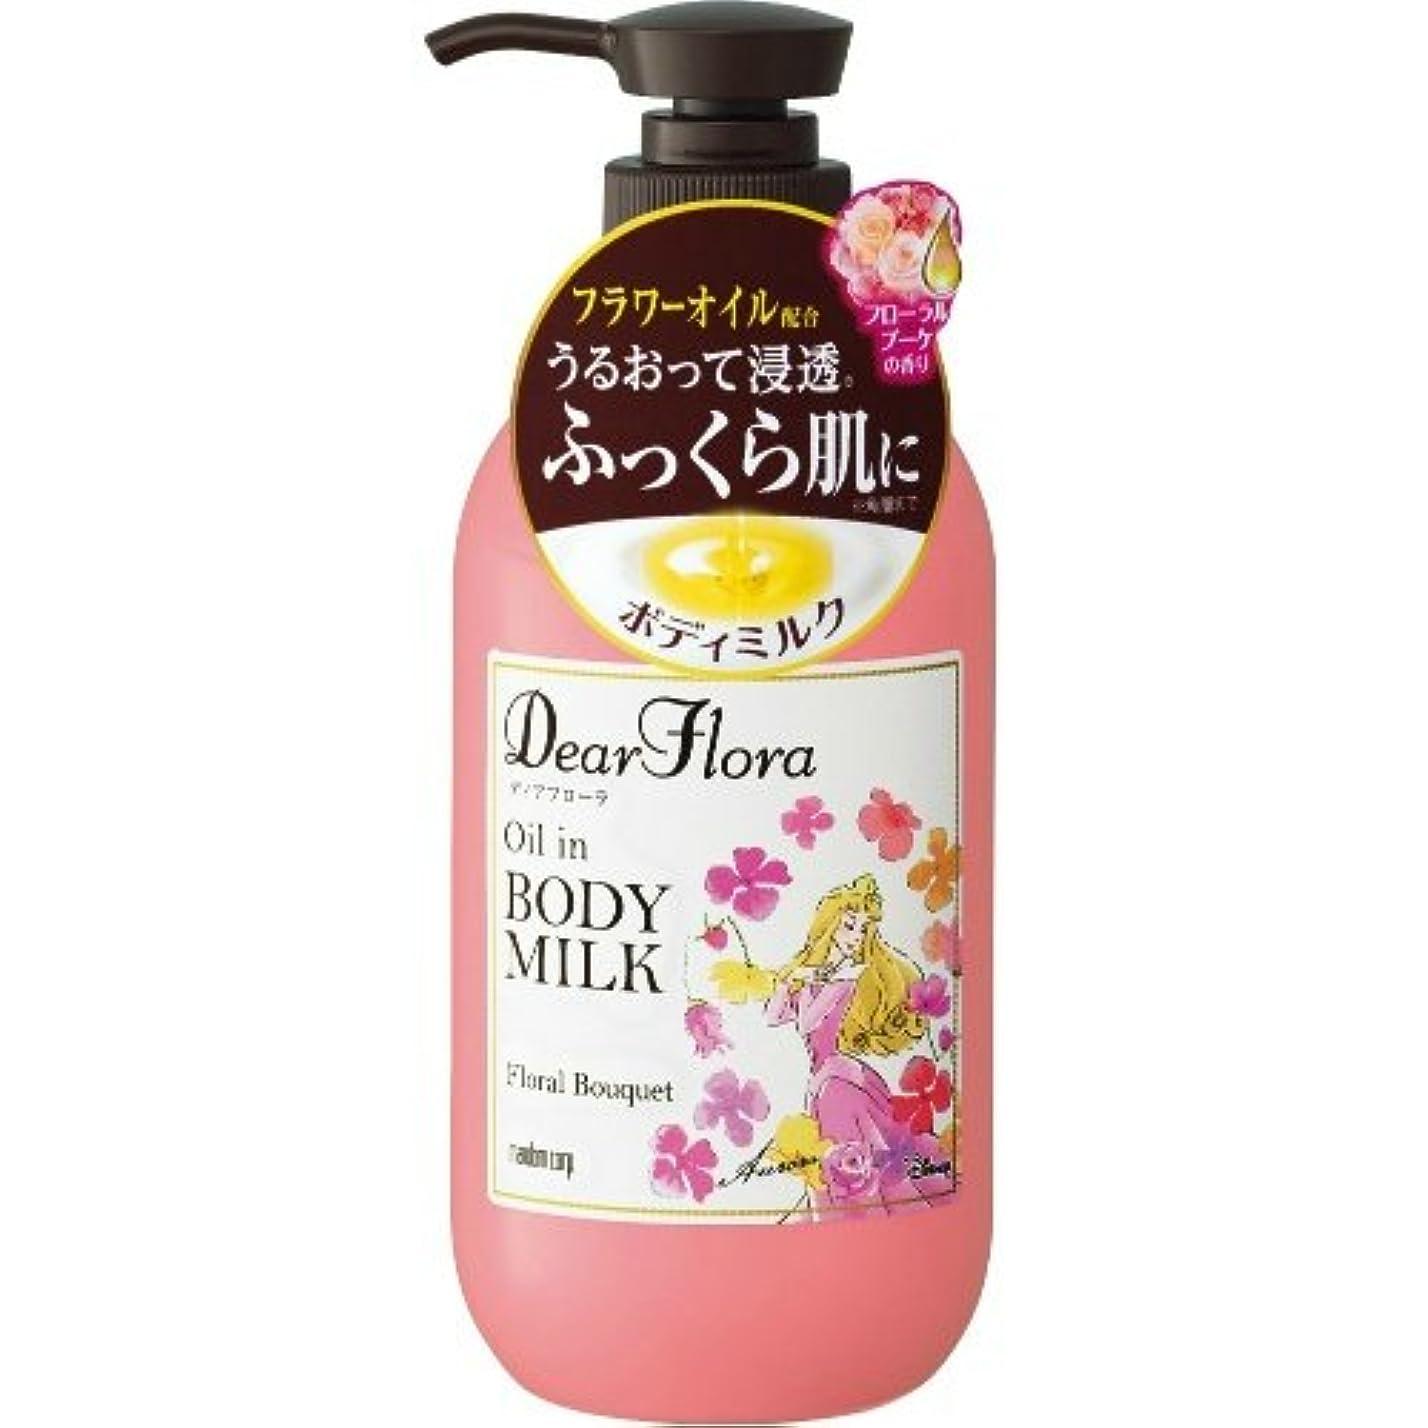 リス楕円形適応的MANDOM マンダム ディアフローラ オイルインボディミルク フローラルブーケの香り 240ml ×10点セット(4902806105414)